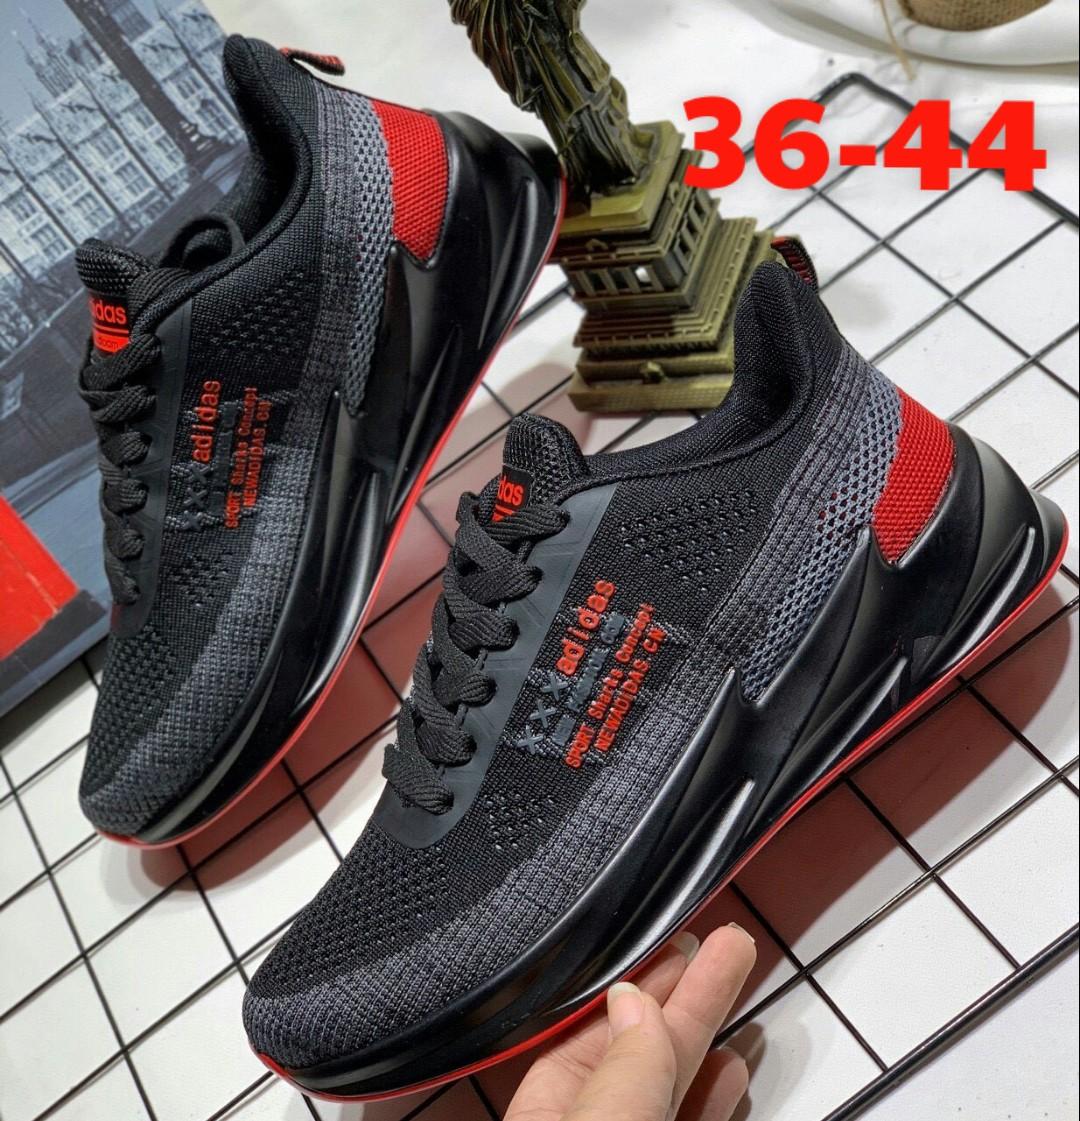 Giày Adidas 2019 cá mập đen full